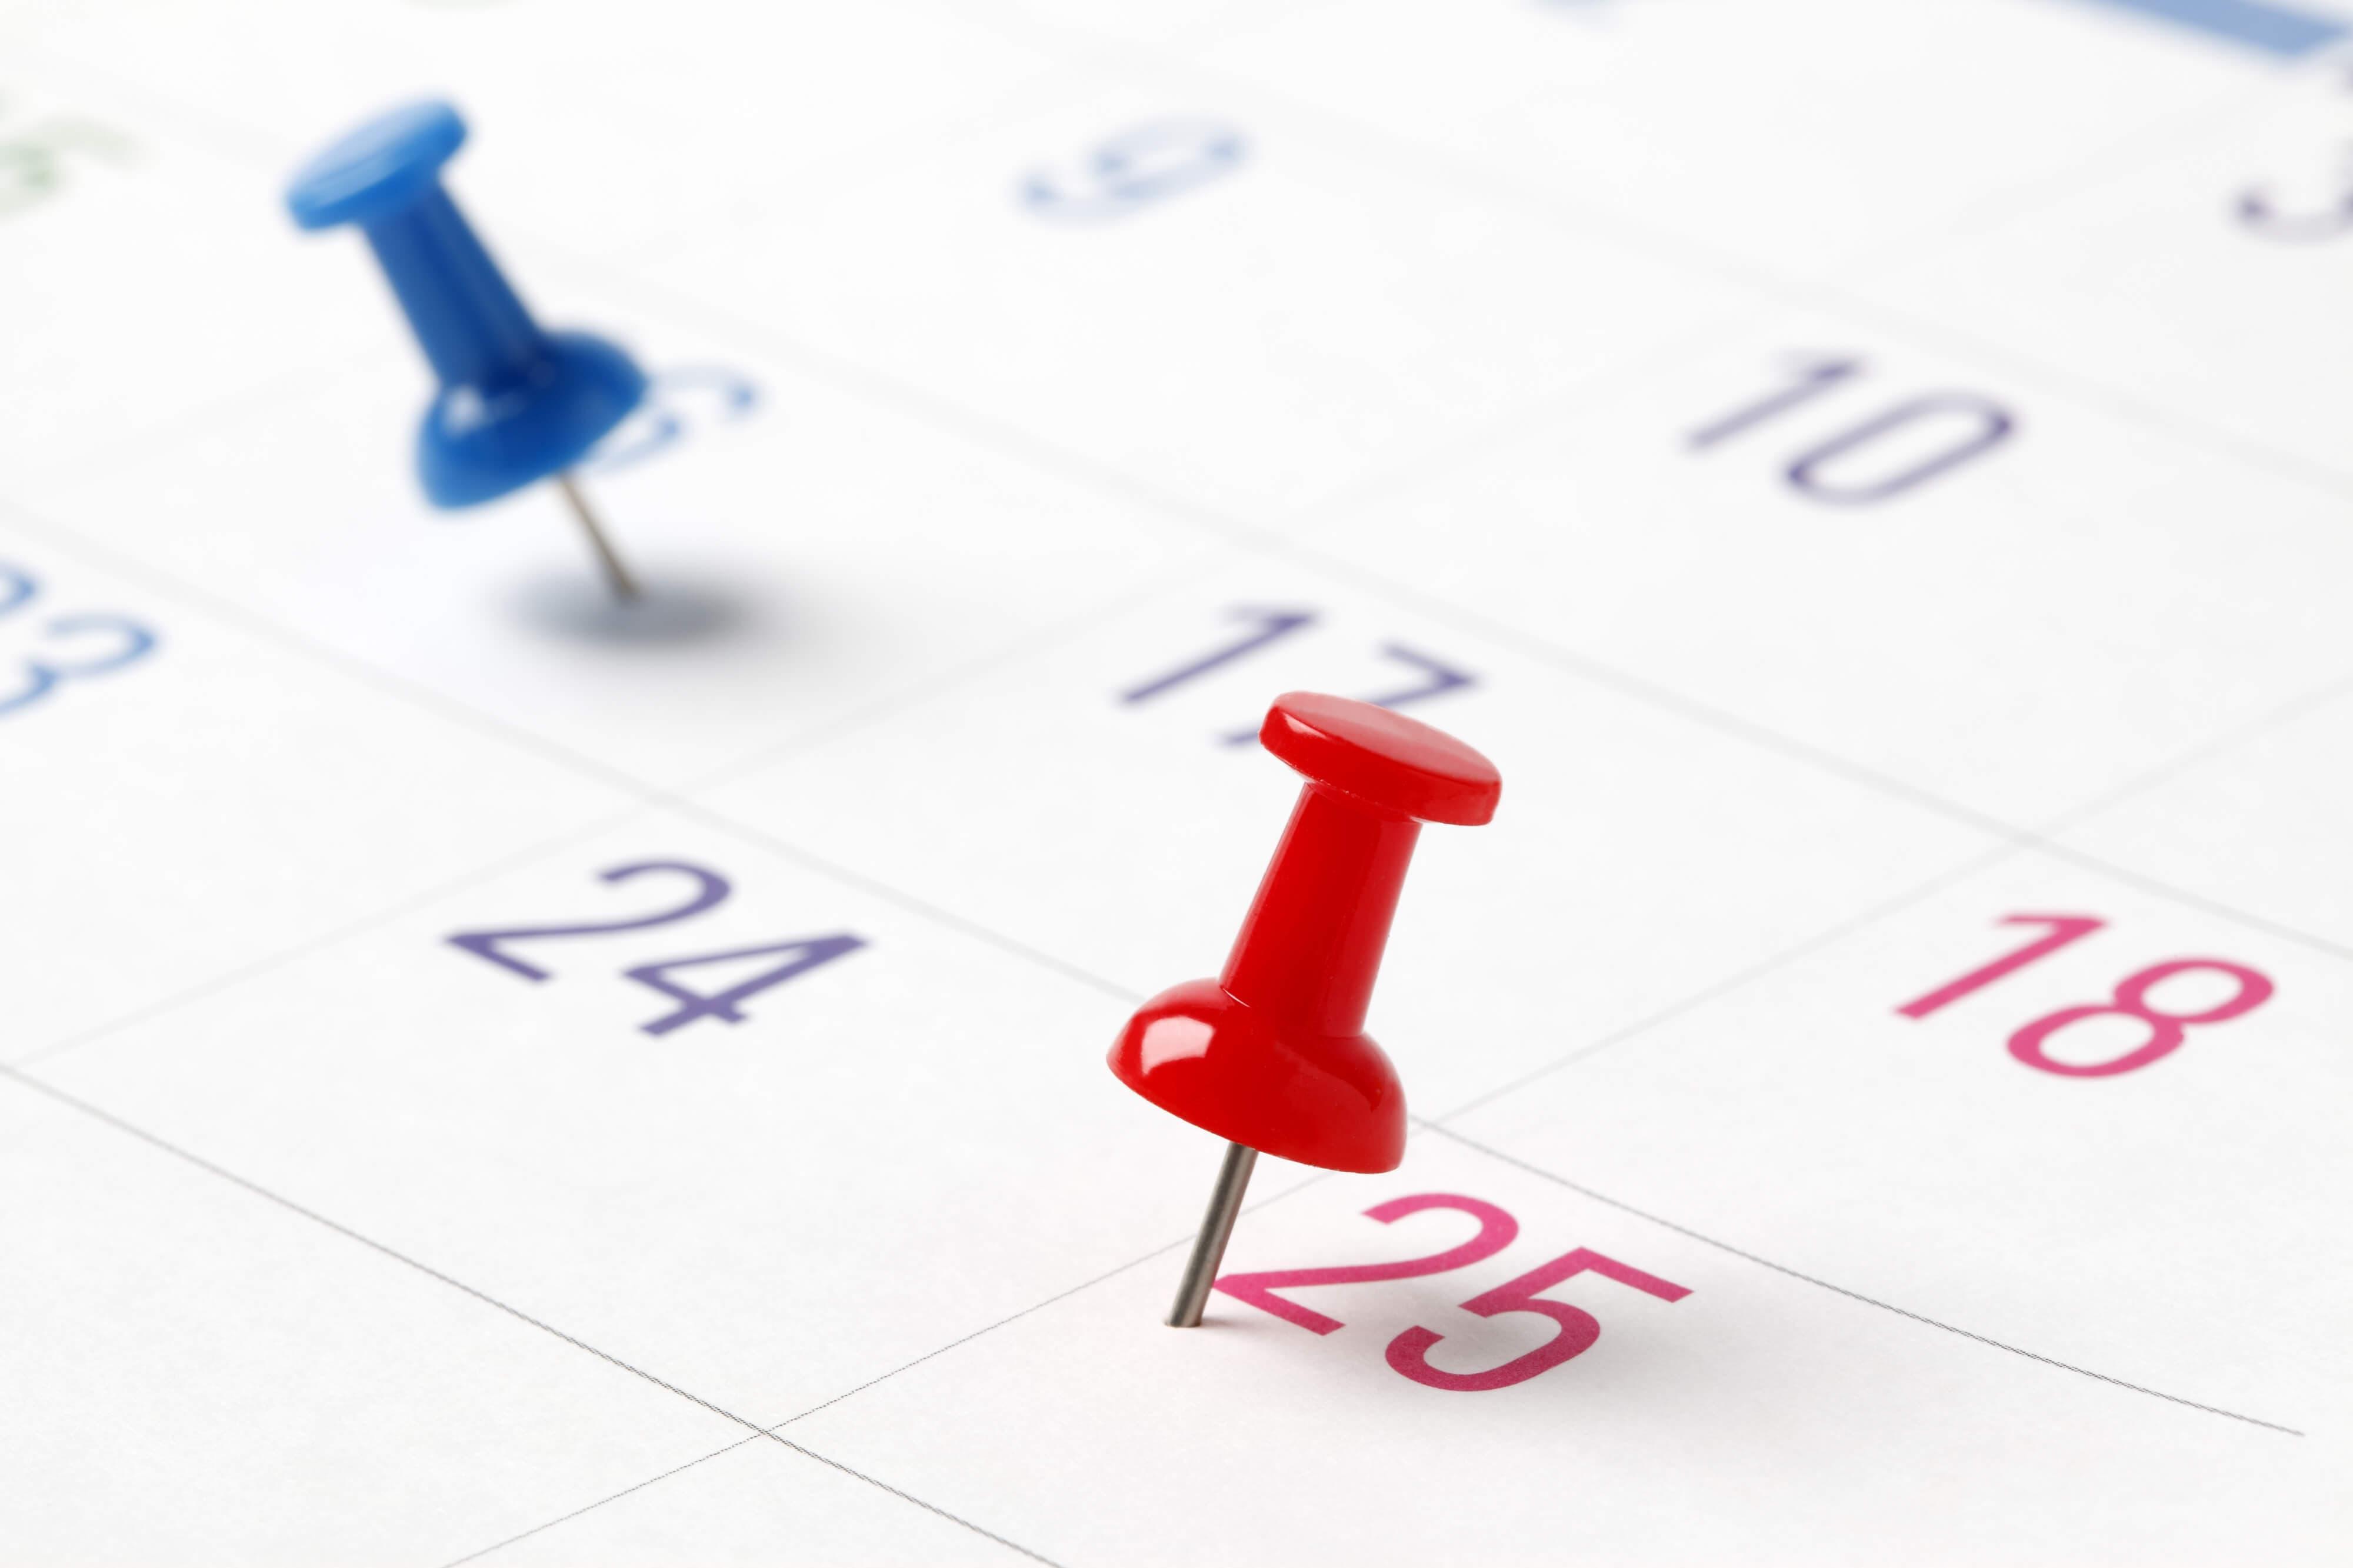 出産予定日に産まれる確率とは?出産予定日の計算方法